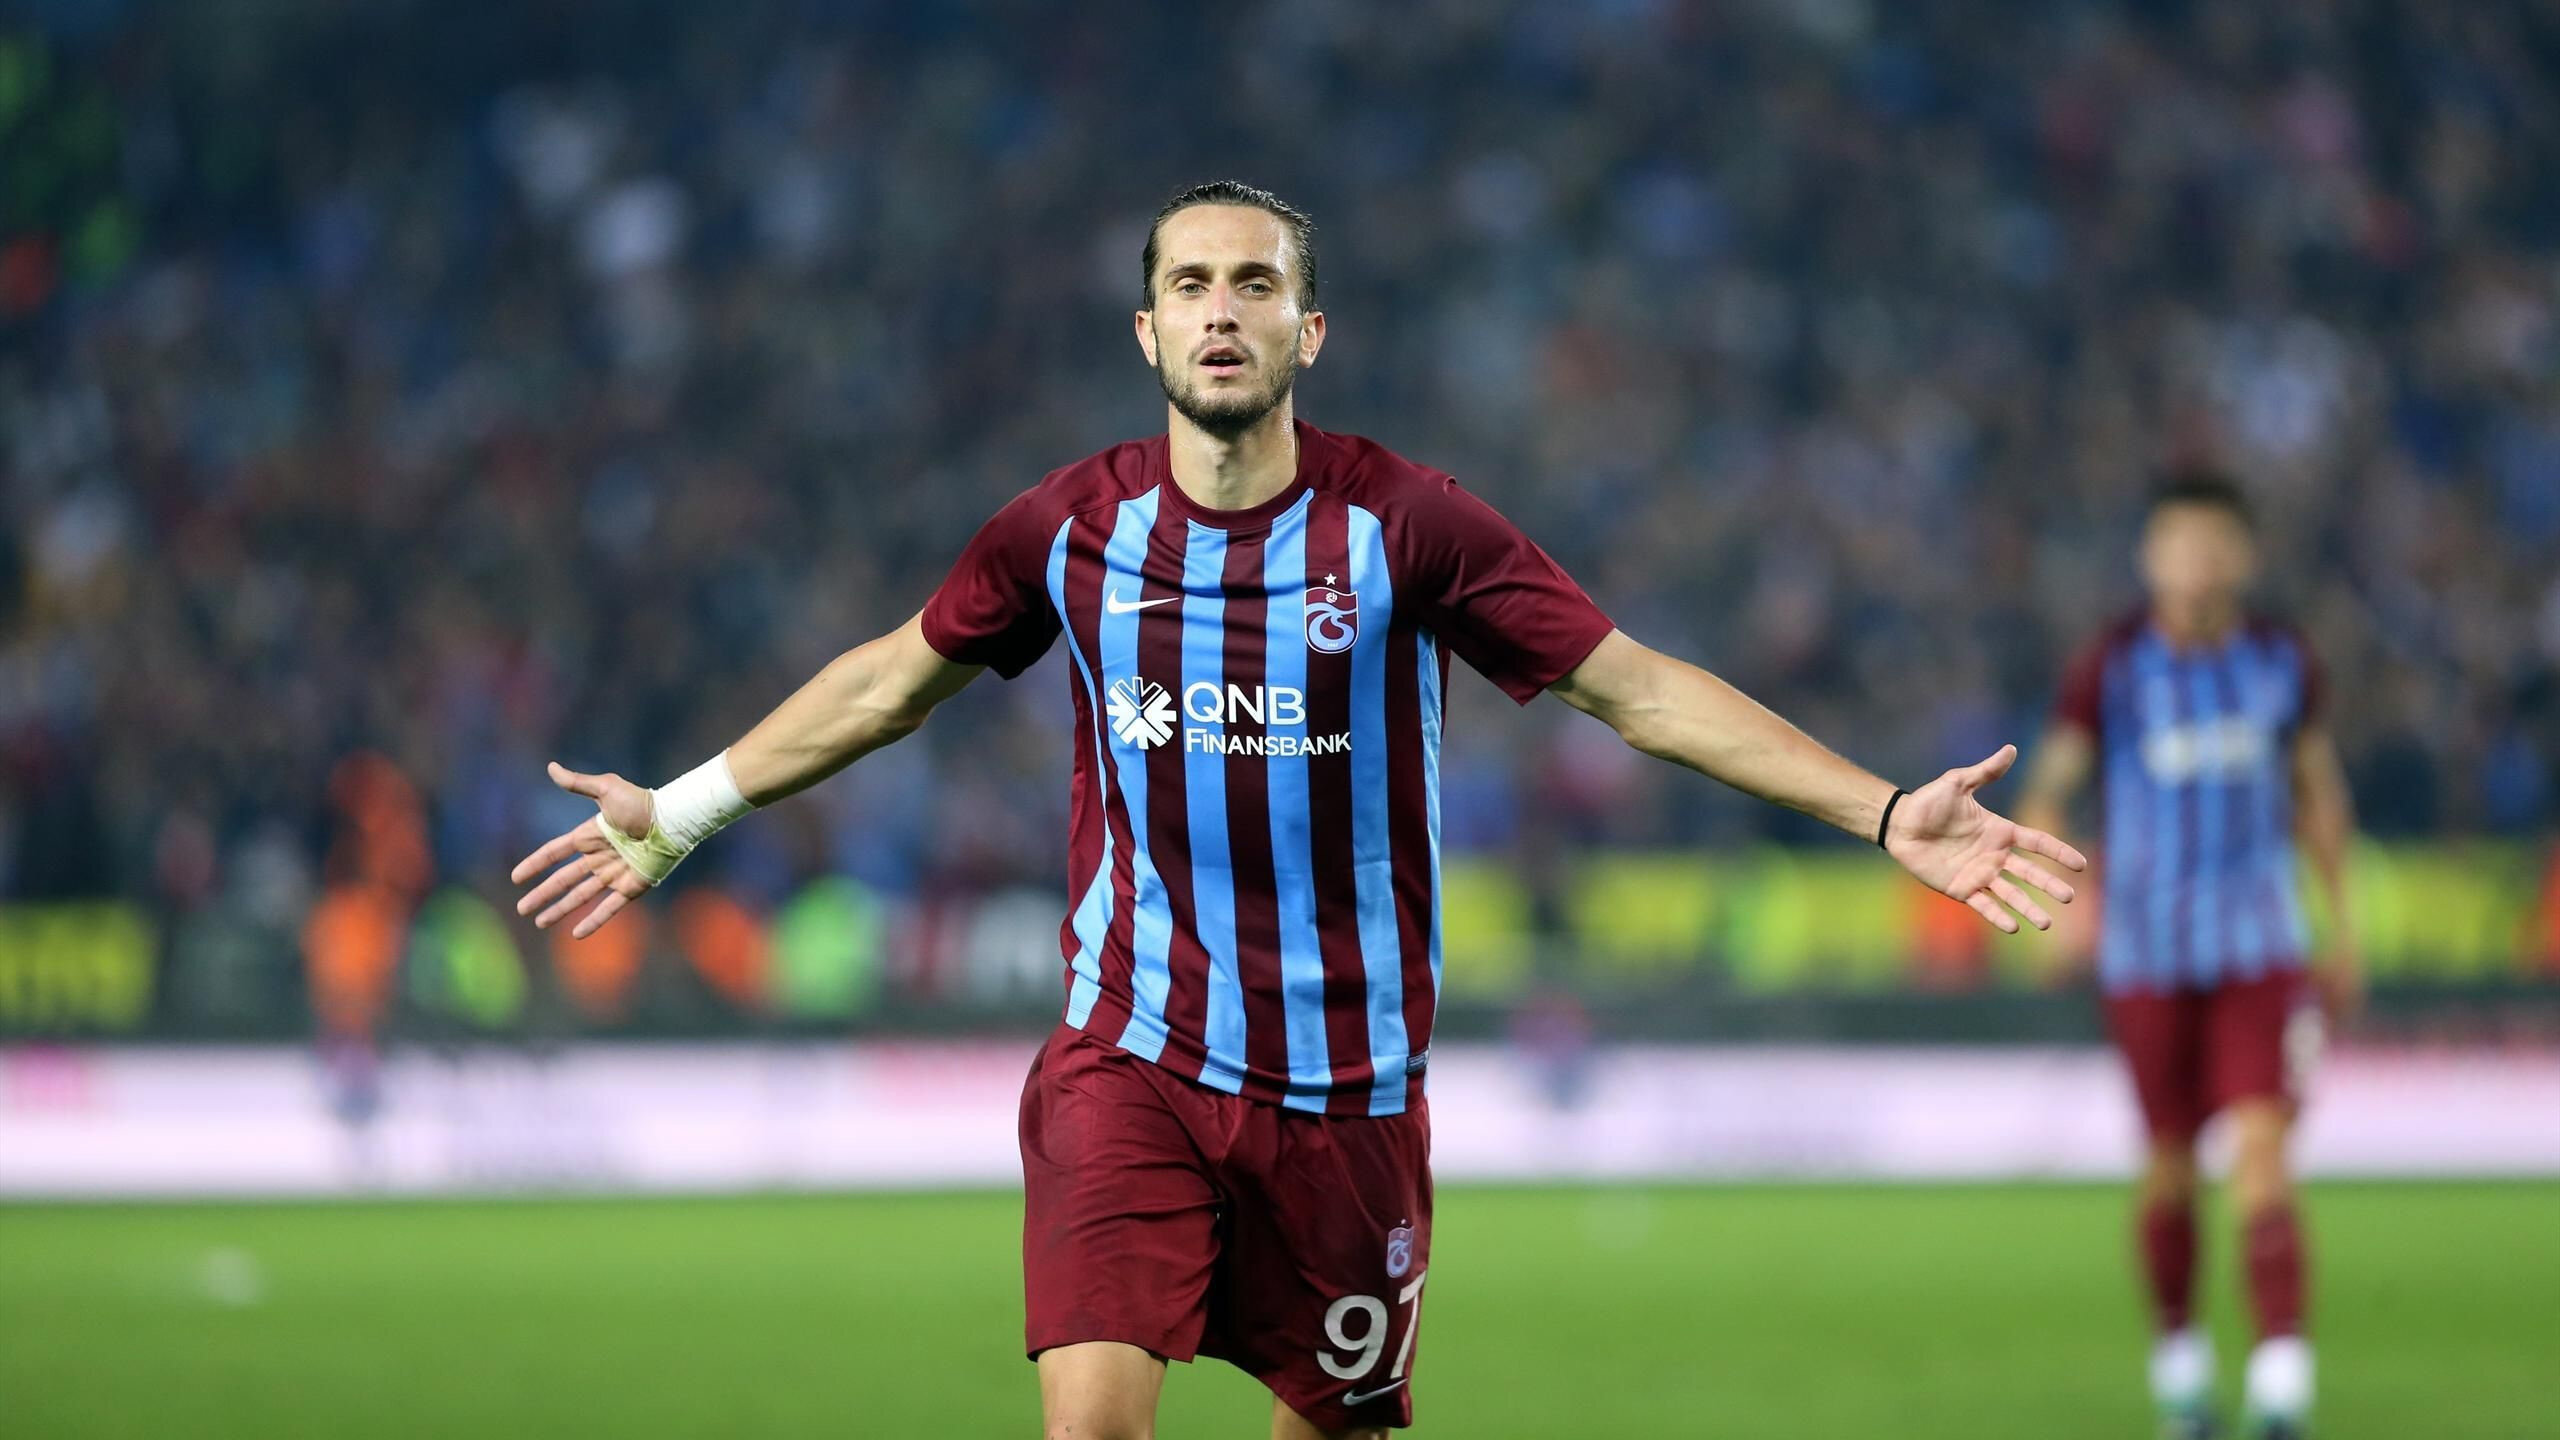 Yusuf Yazıcı bu sezon bordo-mavili formayla çıktığı 21 resmi maçta 1 gol atarken 2 de asist yaptı.